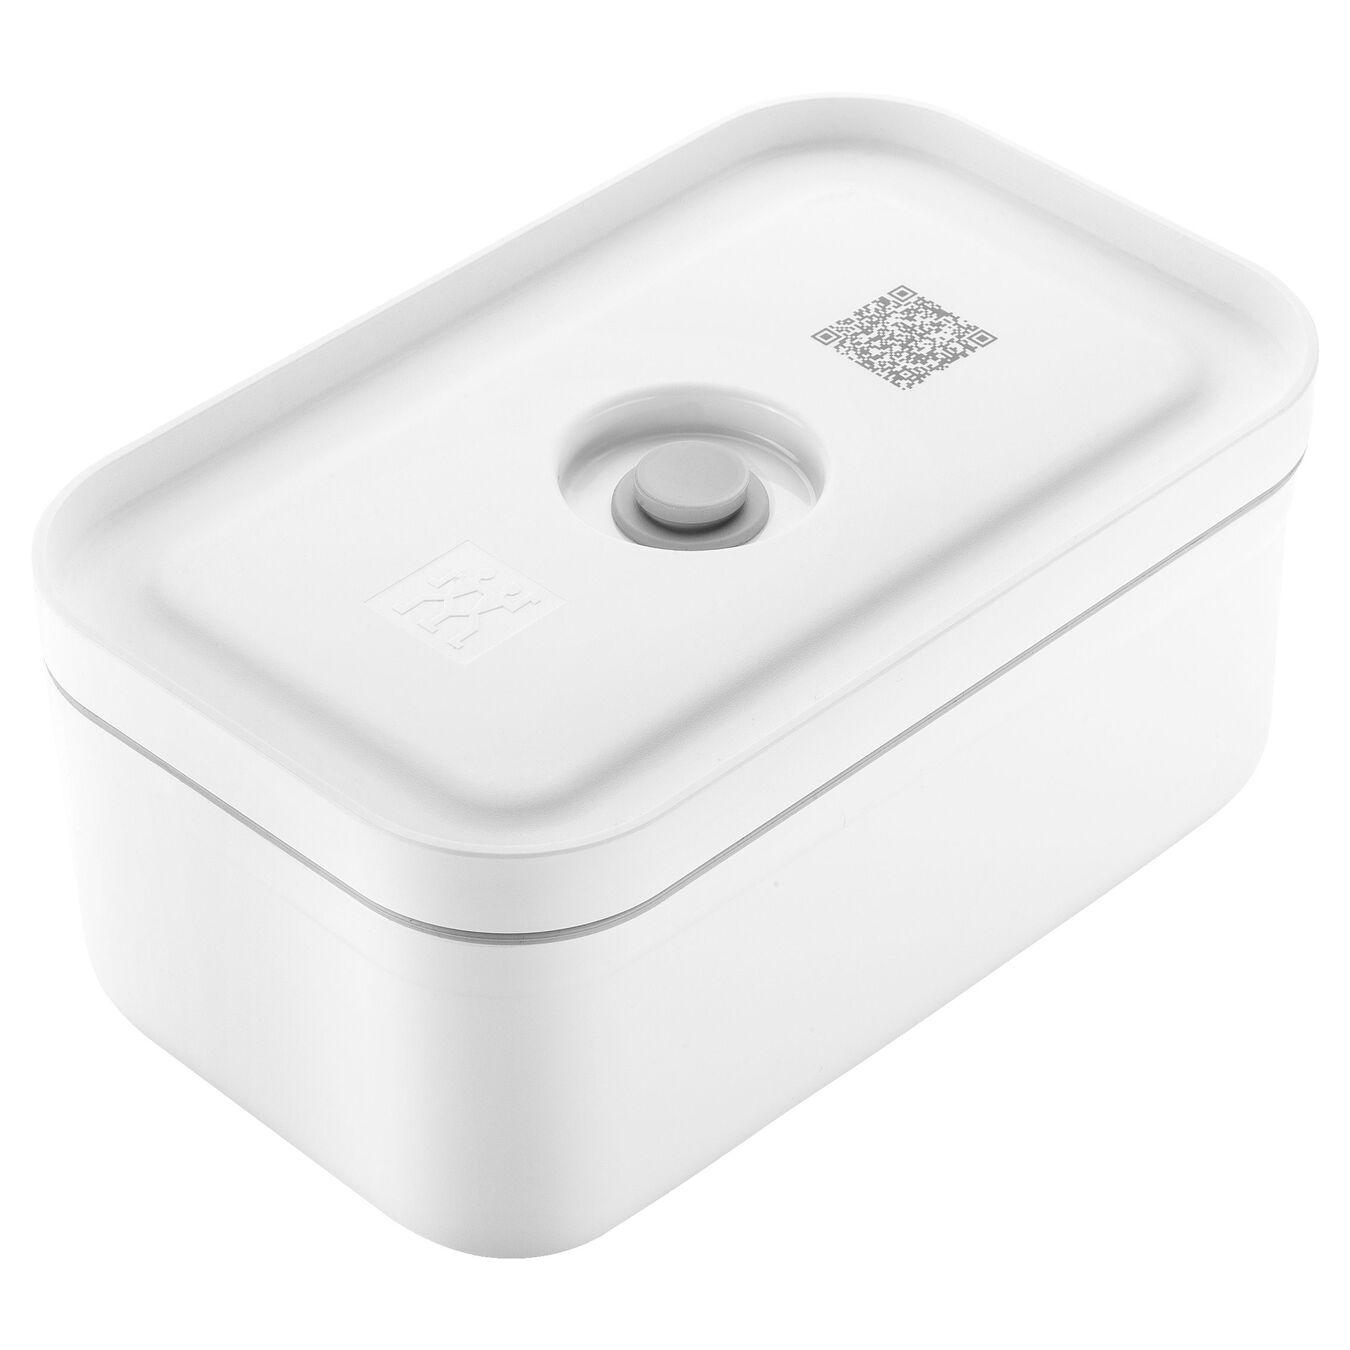 Vacuum lunch box, medium, Grey,,large 1